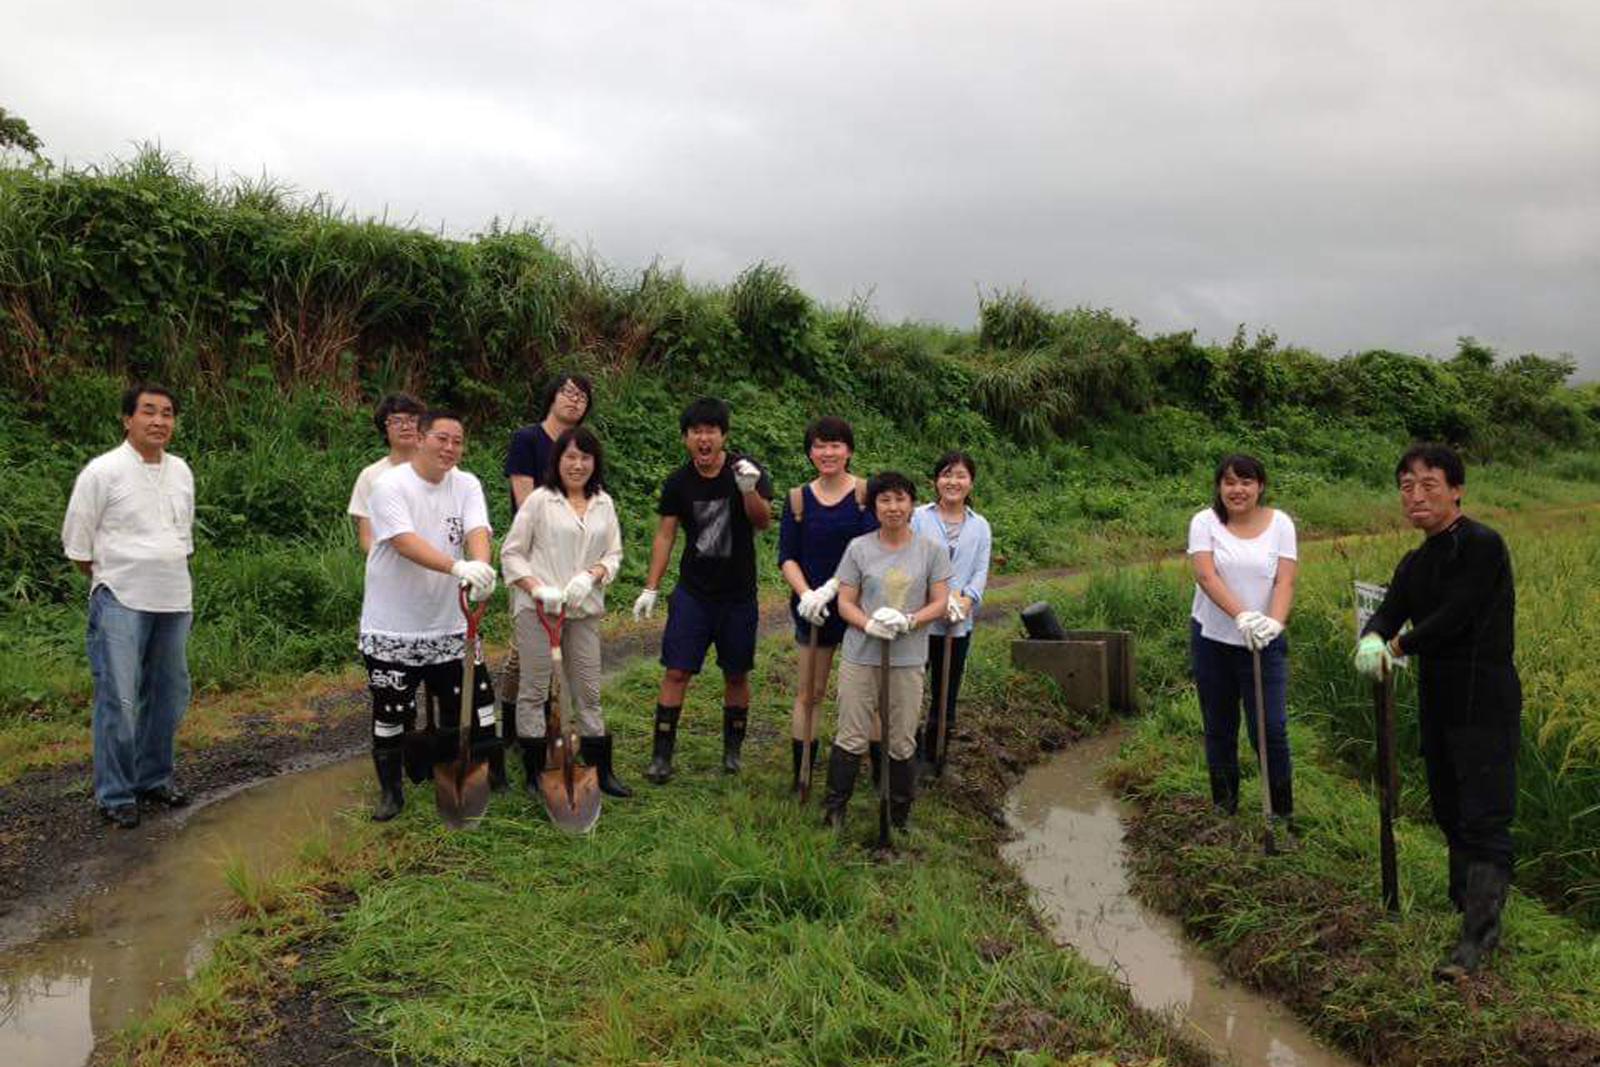 【ゼミ】佐渡島で朱鷺のビオトープづくりを行ってきました(房)